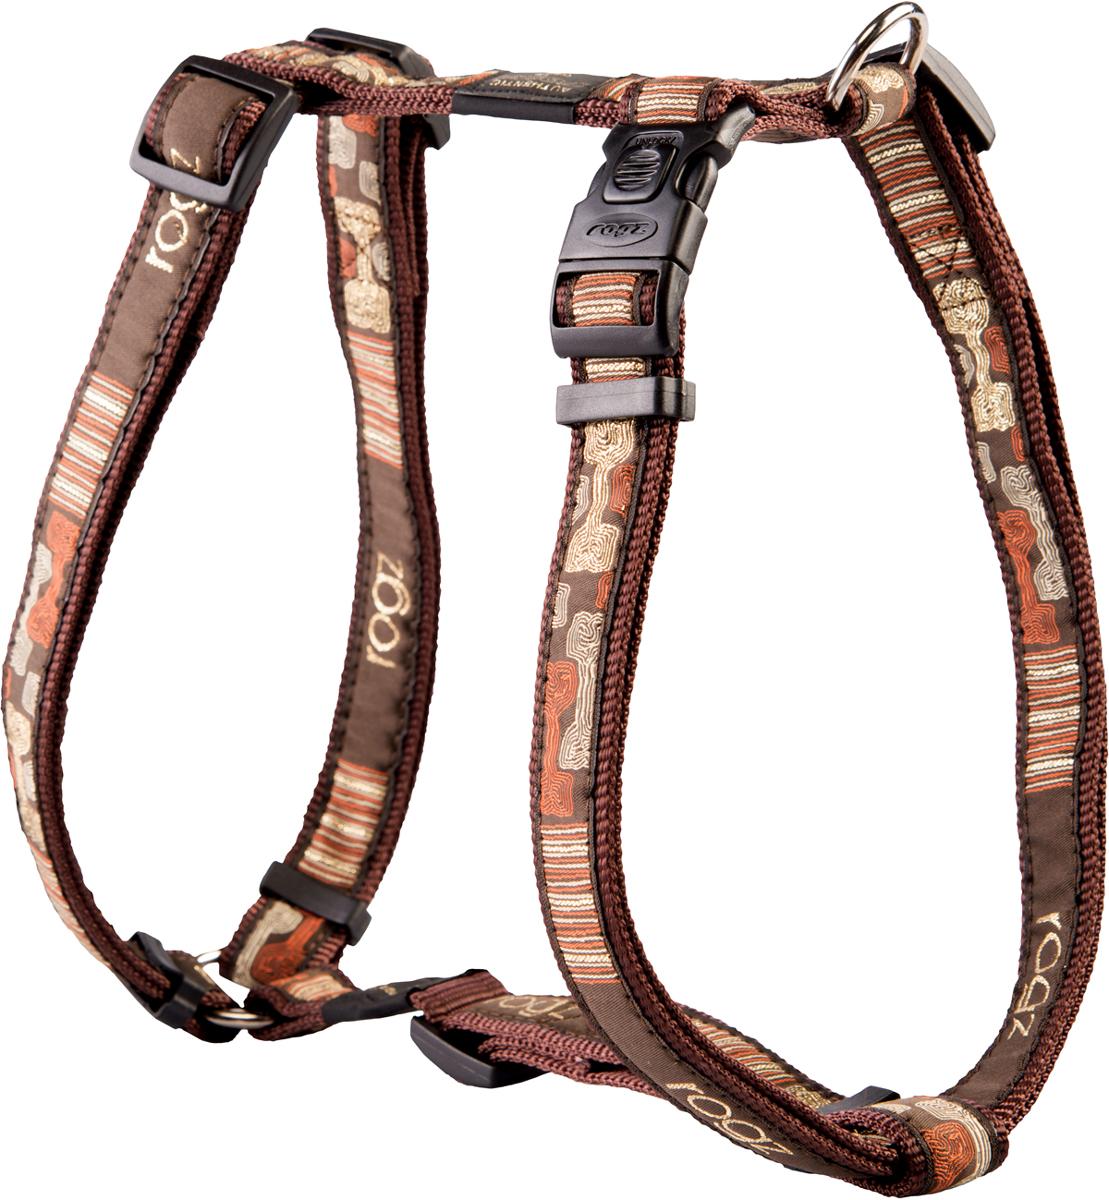 Шлейка для собак Rogz Fancy Dress, цвет: коричневый, ширина 2,5 смSJ02CEШлейка для собак Rogz Fancy Dress имеет необычный дизайн. Широкая гамма потрясающе красивых орнаментов на прочной тесьме поверх нейлоновой ленты украсит вашего питомца.Застегивается, не доставляя неудобство собаке.Специальная конструкция пряжки Rog Loc - очень крепкая(система Fort Knox). Замок может быть расстегнут только рукой человека.С помощью системы ремней изделие подгоняется под животного индивидуально.Необыкновенно крепкая и прочная шлейка.Выполненные по заказу литые кольца выдерживают значительные физические нагрузки и имеют хромирование, нанесенное гальваническим способом, что позволяет избежать коррозии и потускнения изделия.Легко можно прикрепить к ошейнику и поводку.